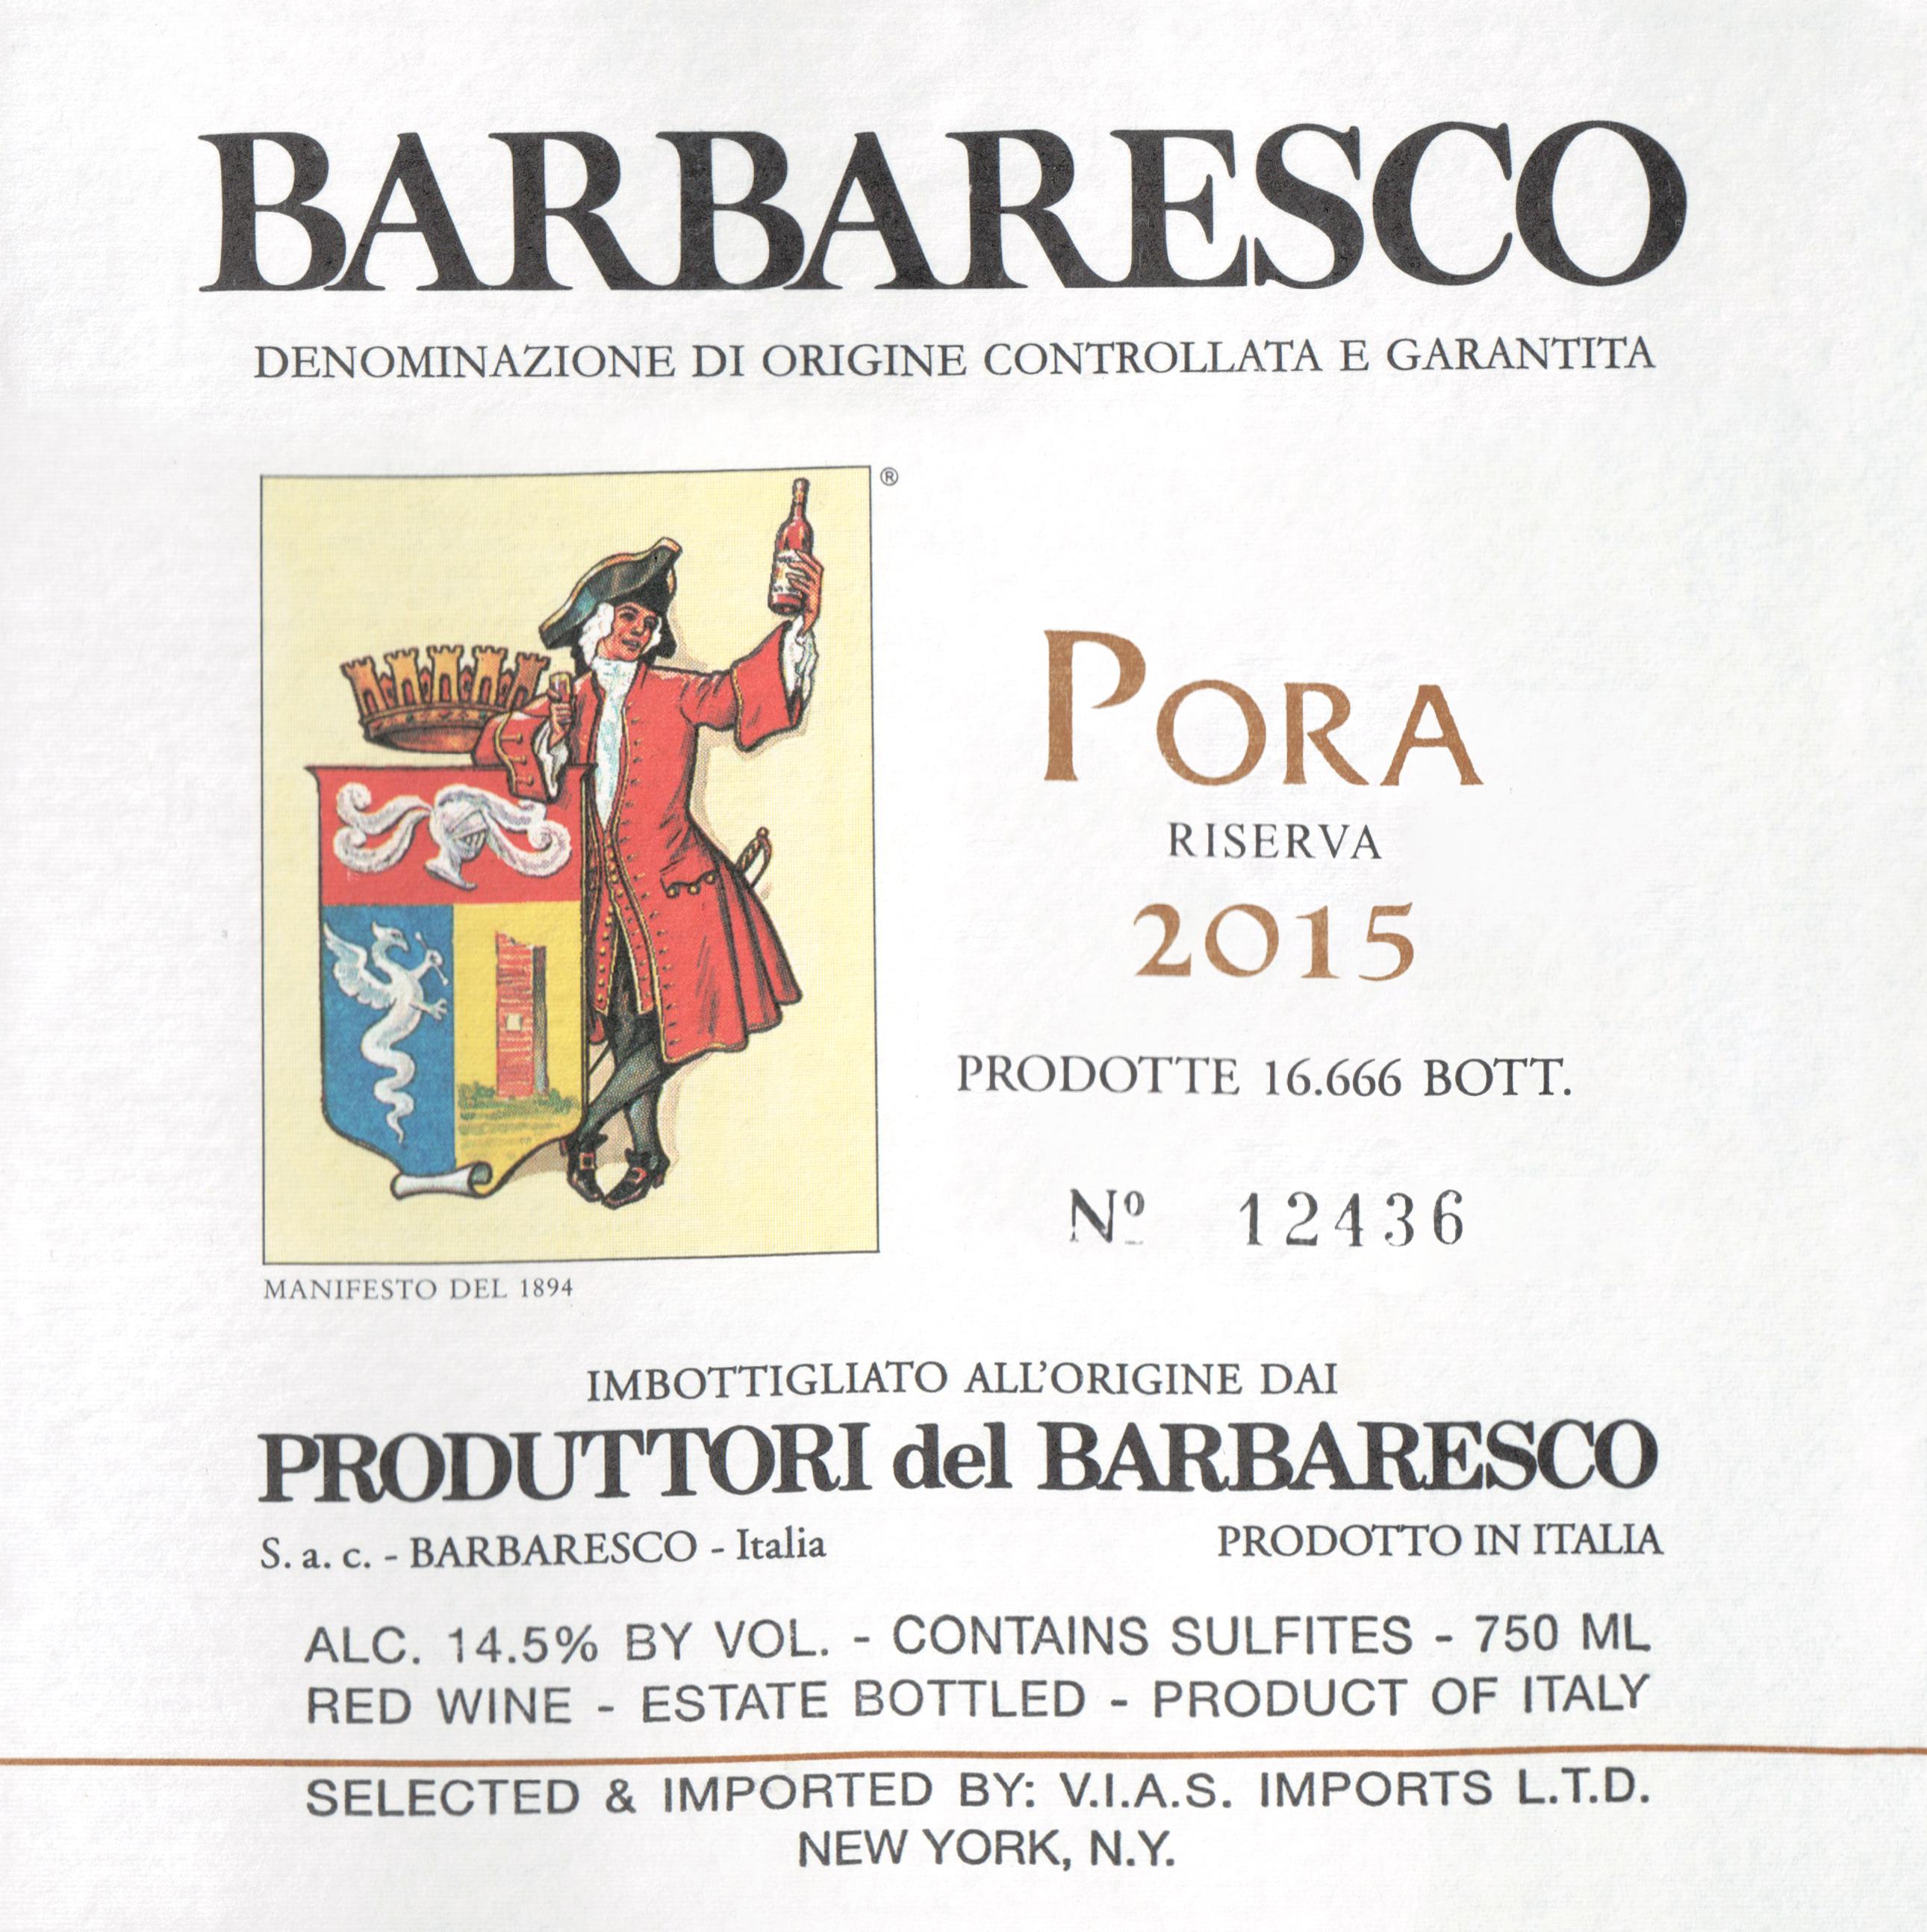 Produttori Pora Del Barbaresco Riserva 2015